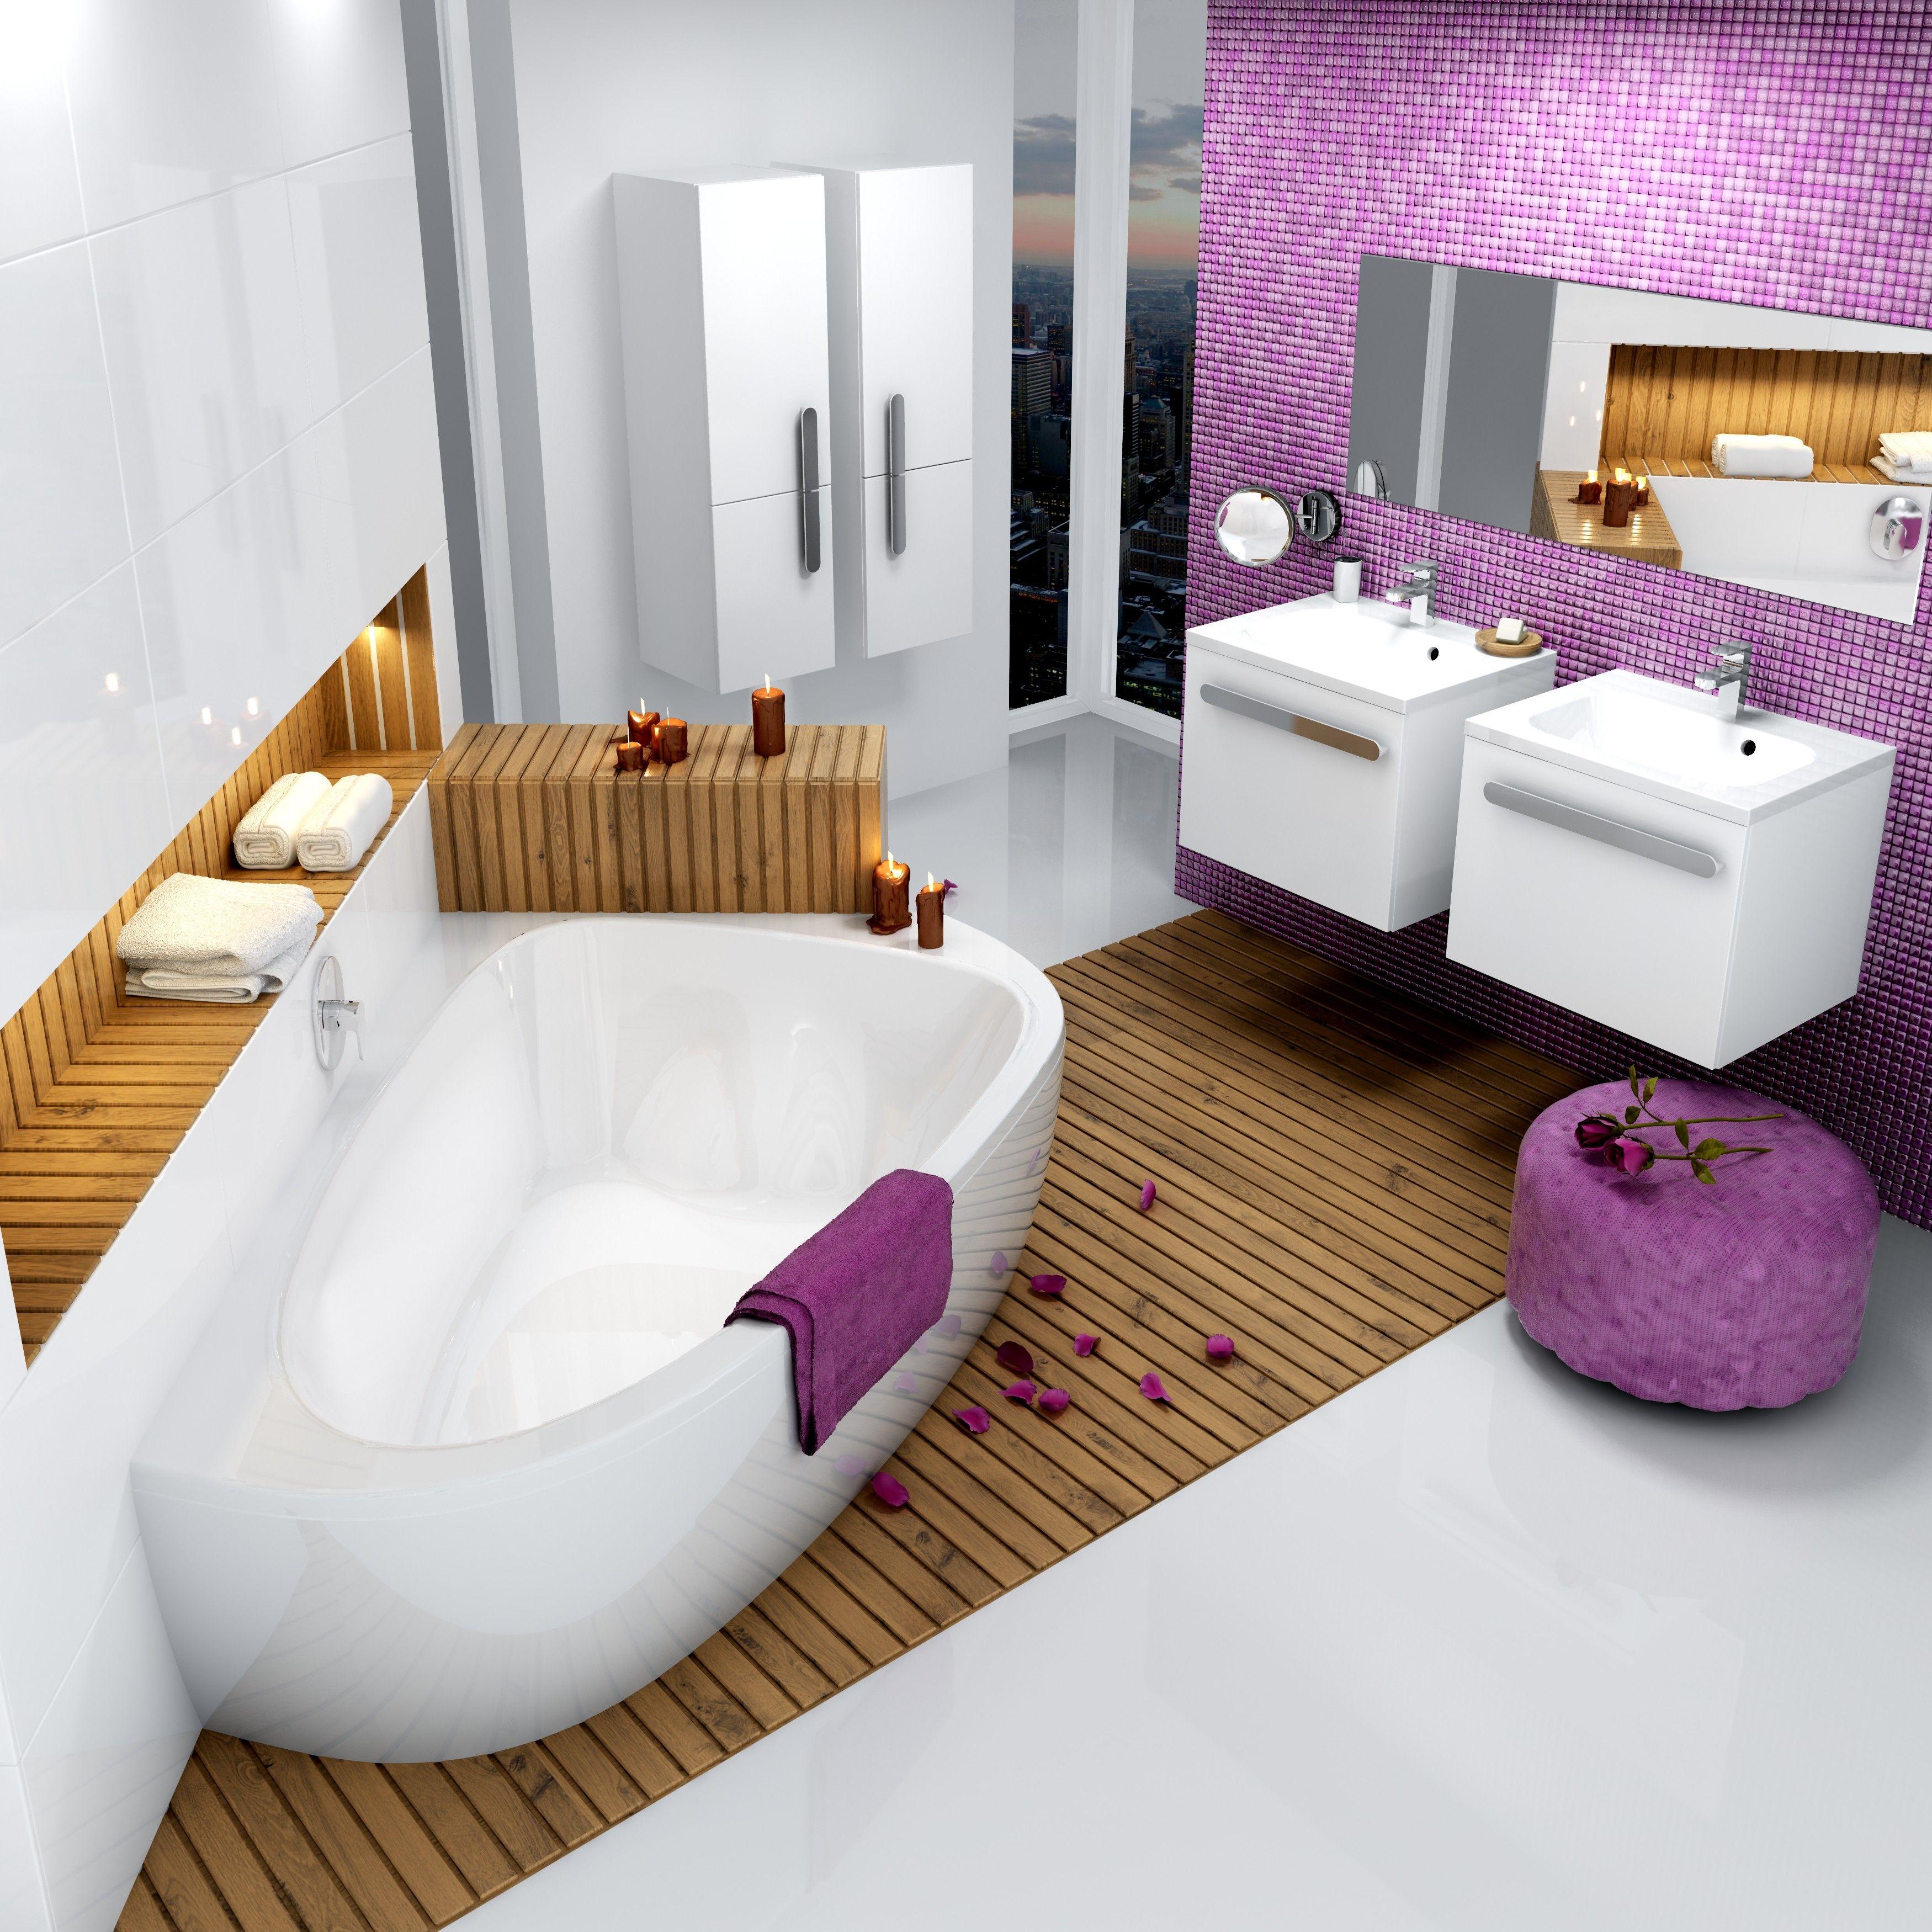 Pin Von Saulius Bauzinskas Auf Home Badezimmer Bad Design Badezimmer Renovieren